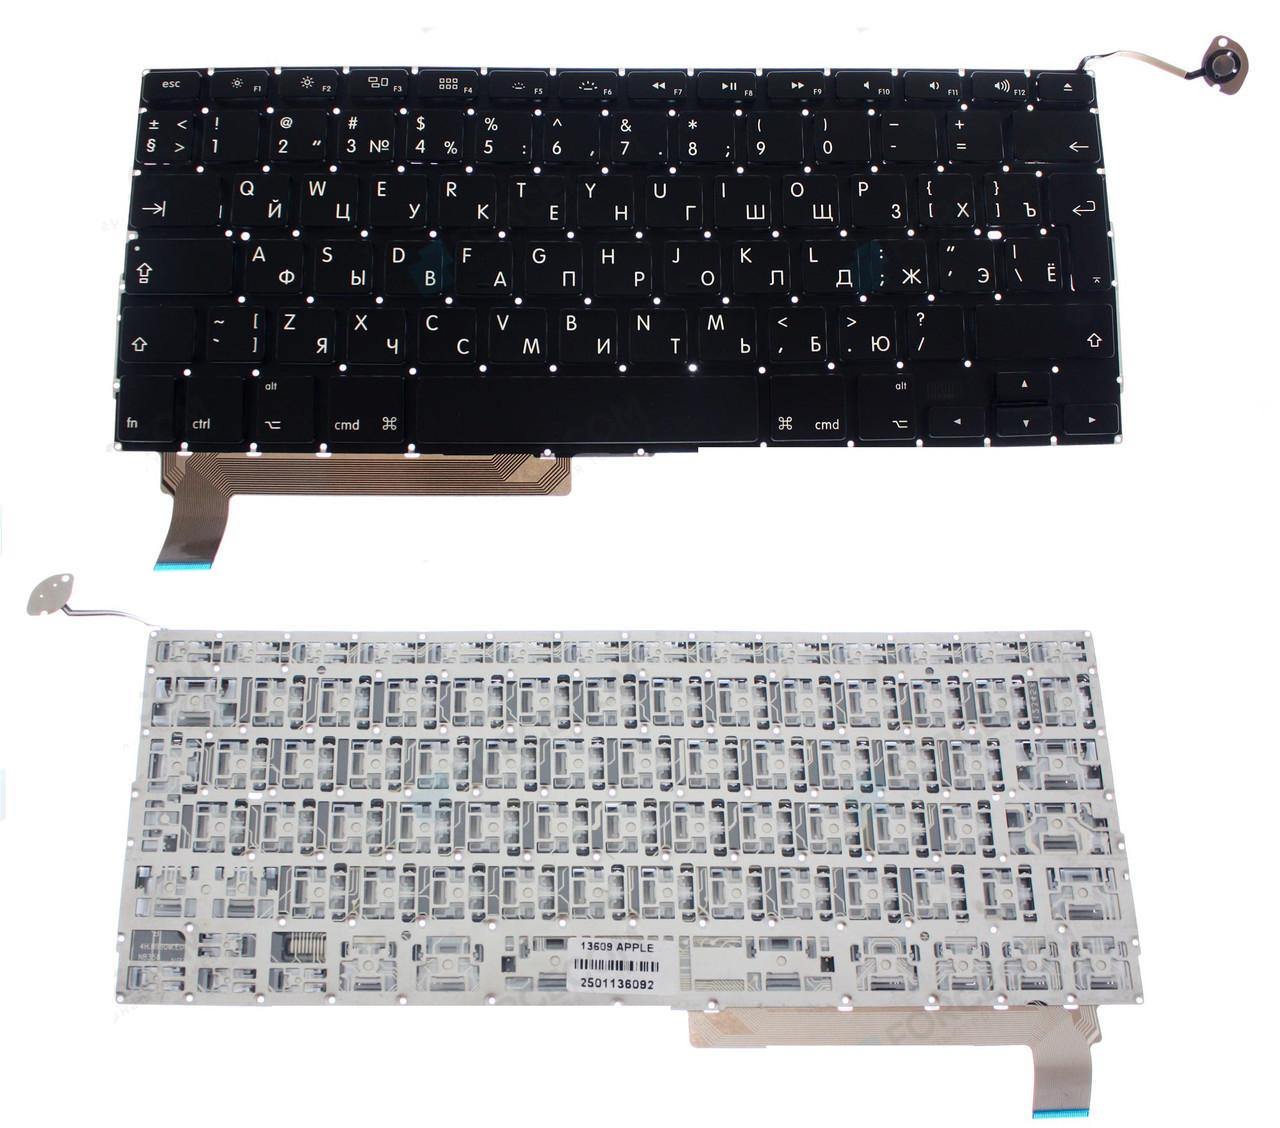 Клавиатура для ноутбука Apple MacBook PRO A1286 (черная с подсветкой, RU)